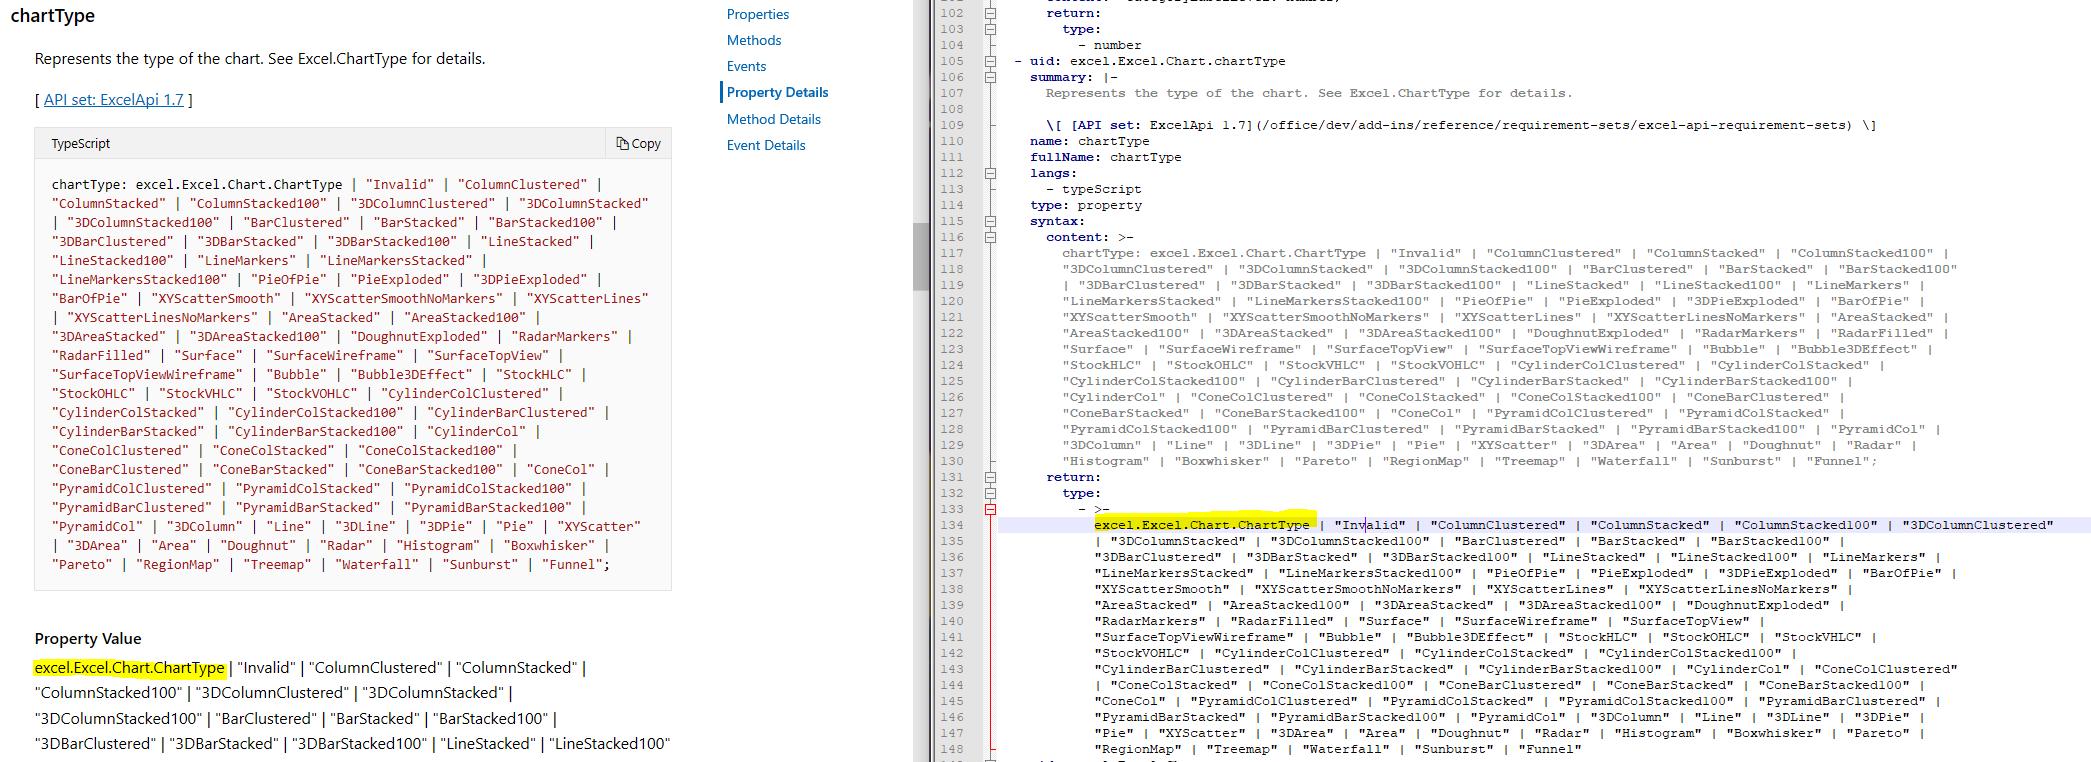 api-documenter] Hyperlinking support for